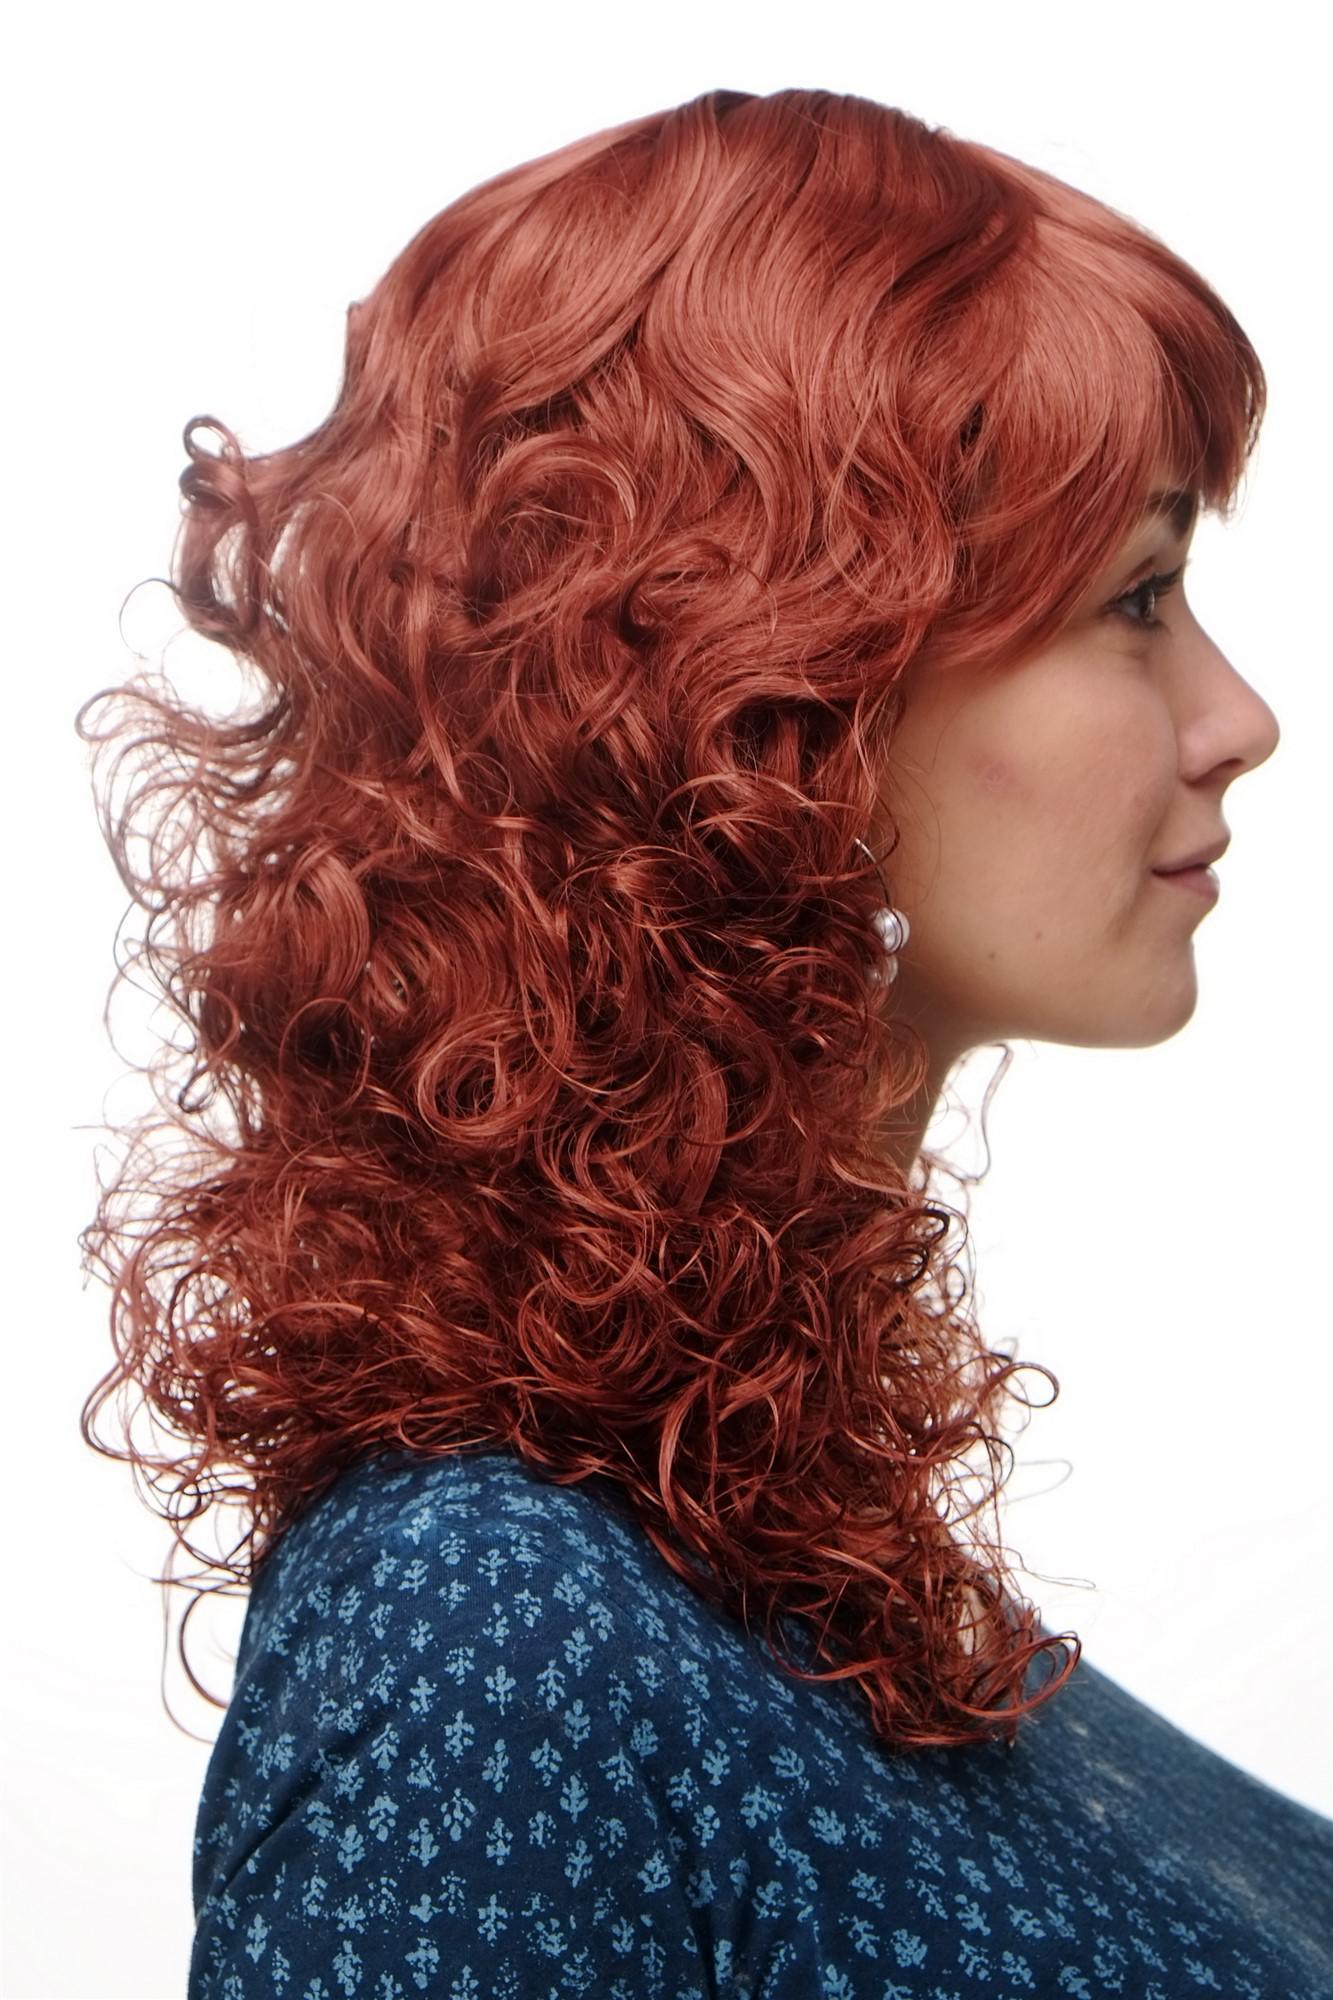 Perücke Neue Romantik Rote Haare Kupferrot Locken Gelockte Spitzen